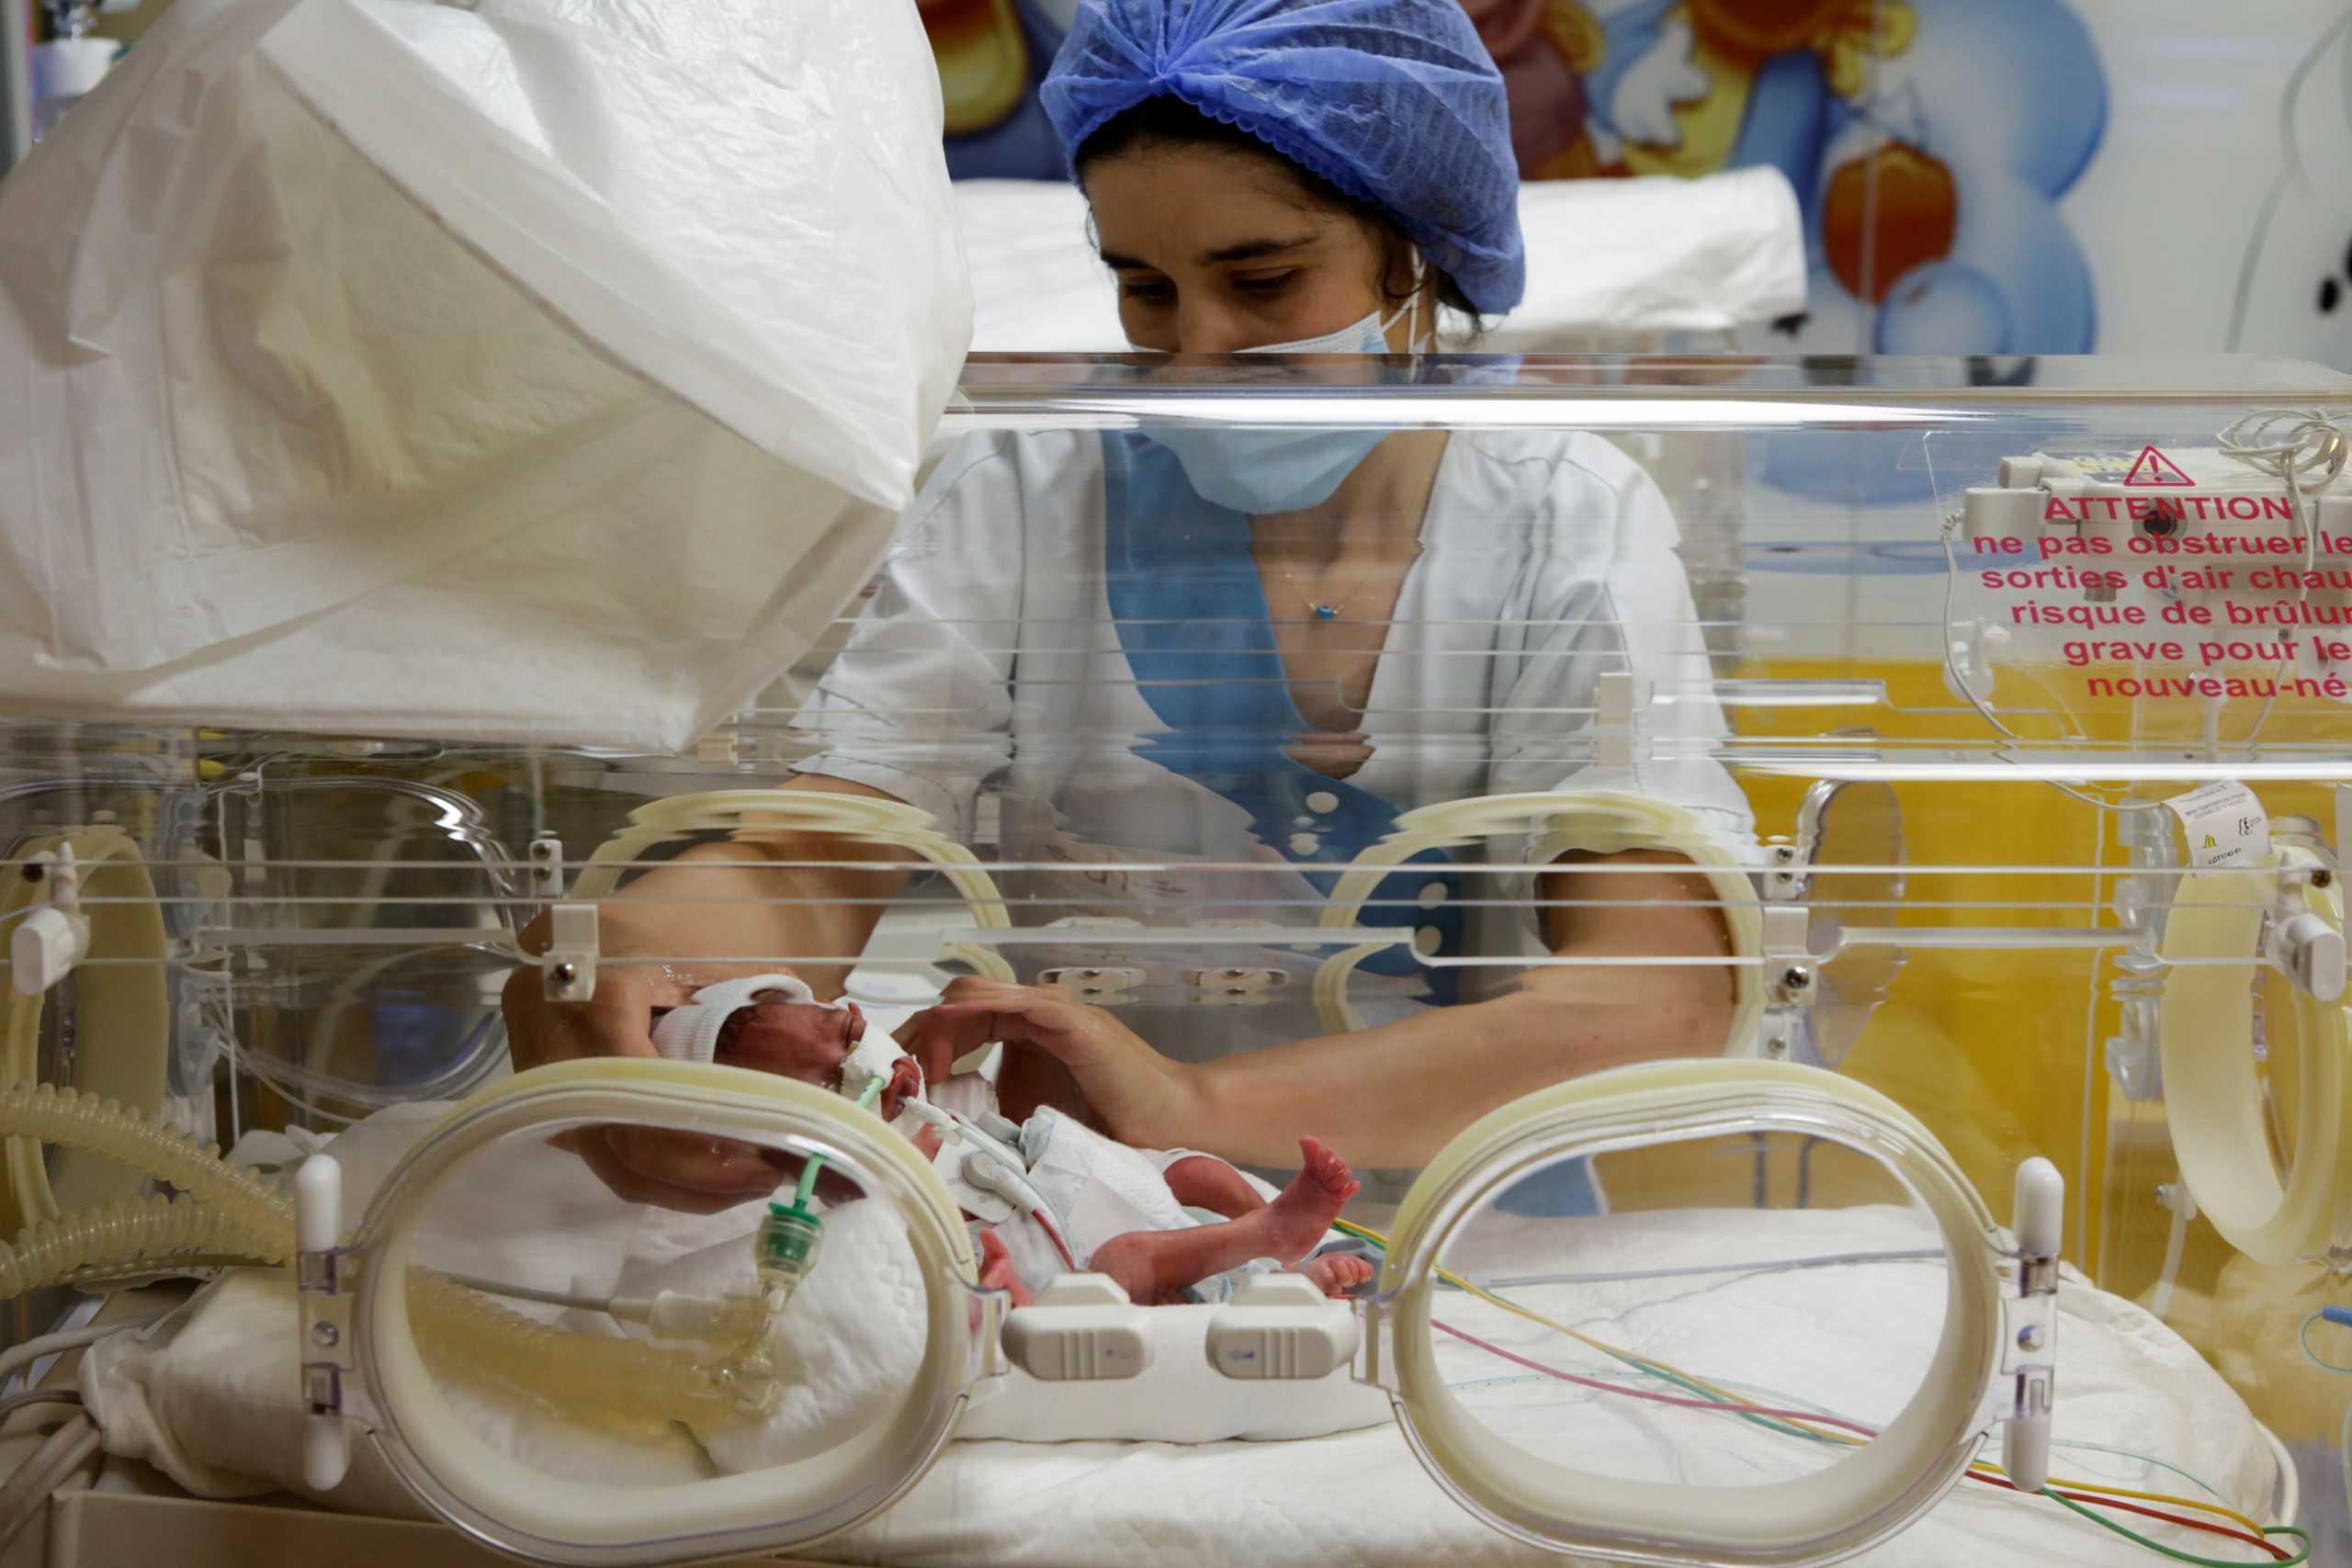 Μάλι: Καλά στην υγεία τους τα εννιάδημα και η μητέρα τους – Τα μωρά ζυγίζουν από 800 μέχρι 1.400 γραμμάρια